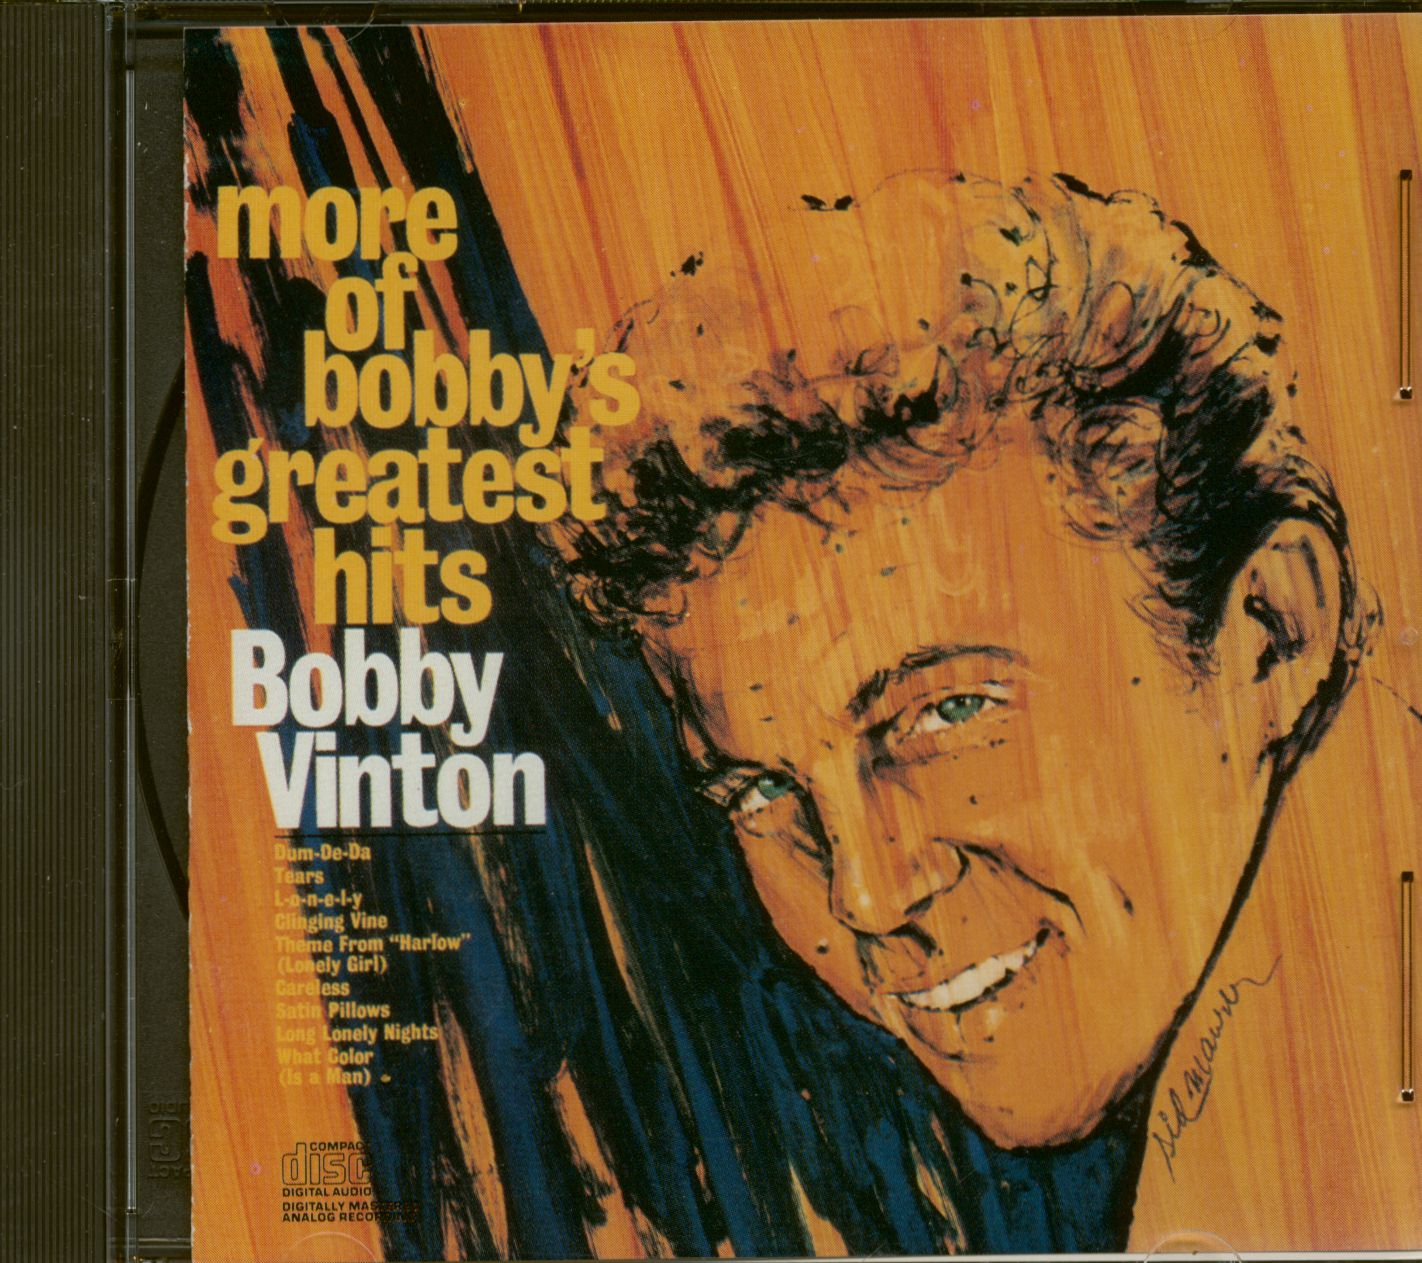 Bobby Vinton Cd More Of Bobby S Greatest Hits Cd Bear